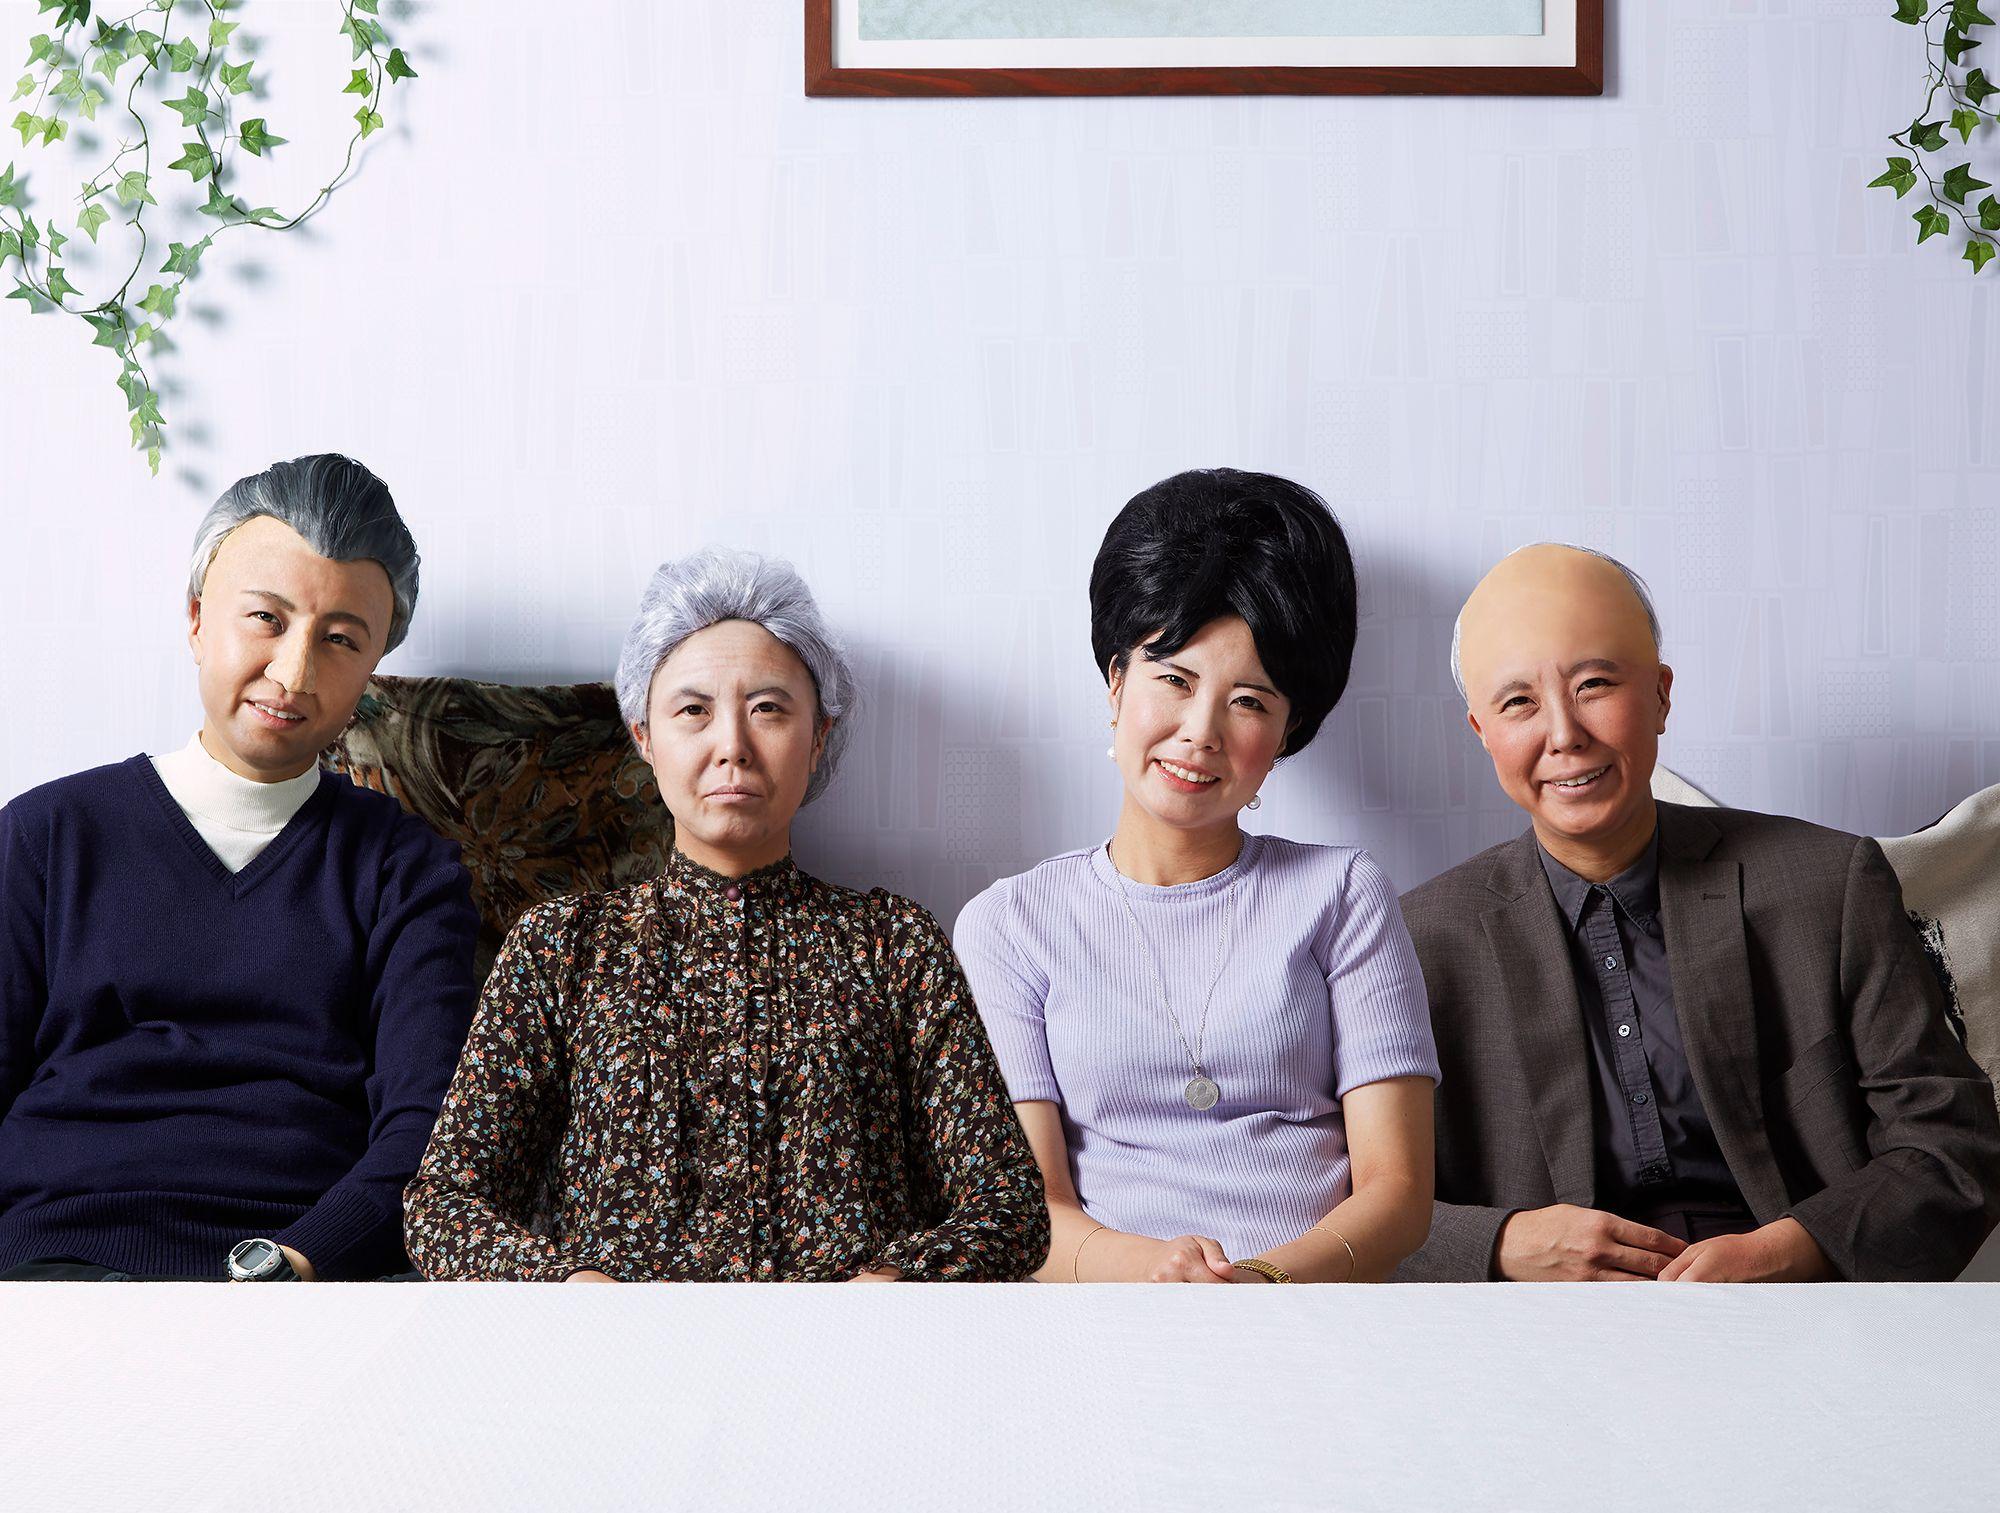 Familie Werden